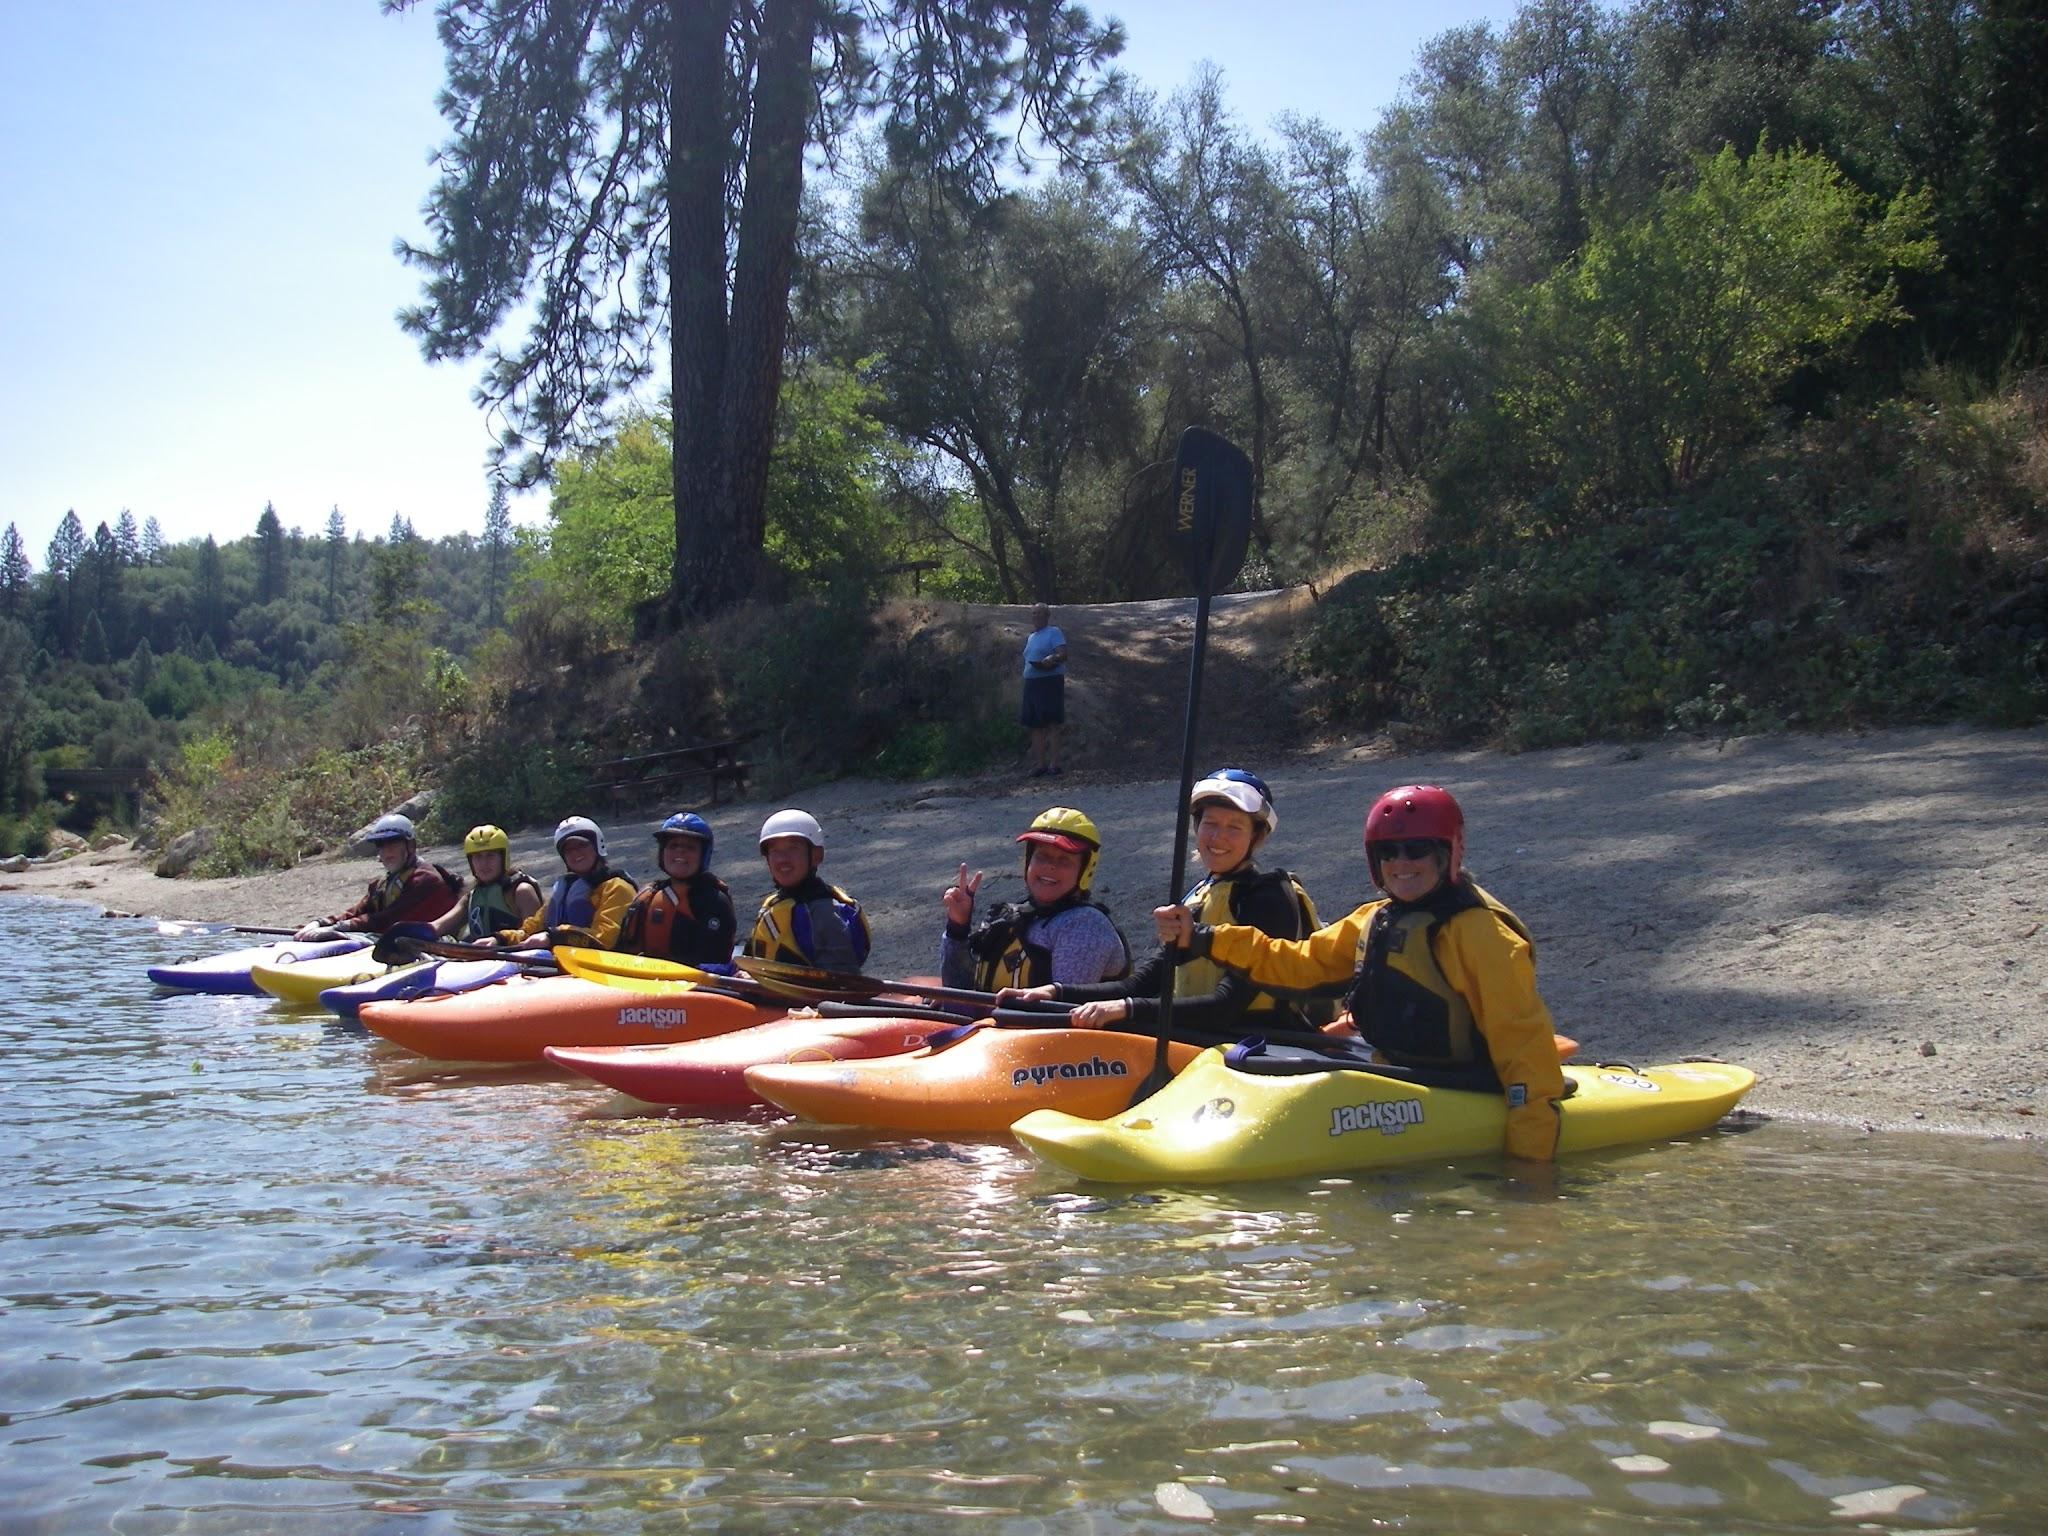 Whitewater Kayak Classes - California Canoe & Kayak